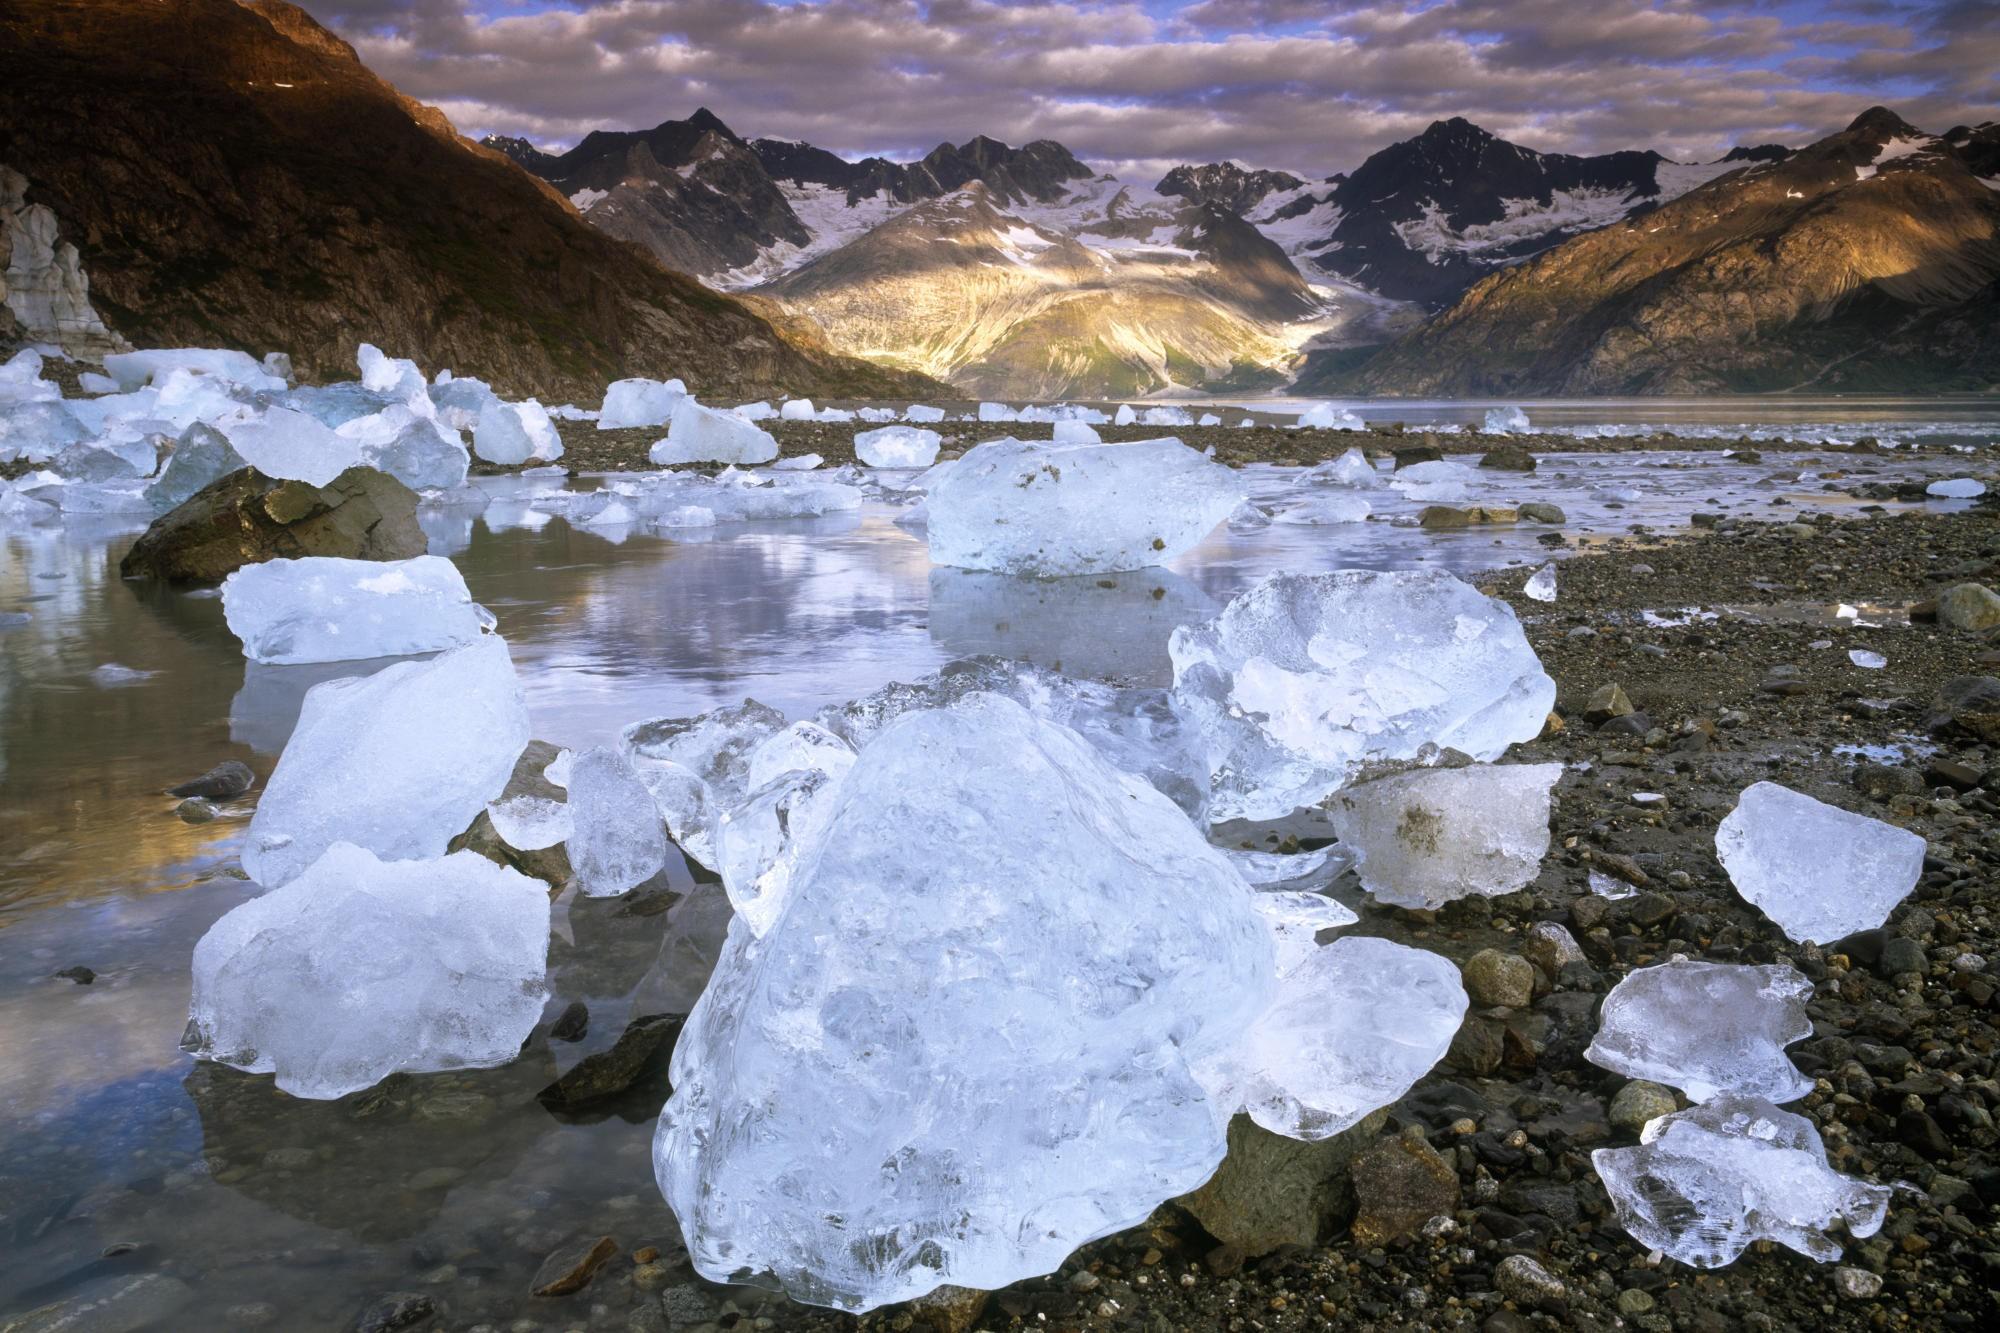 ВПриморском крае вплотную занялись исследованием льда